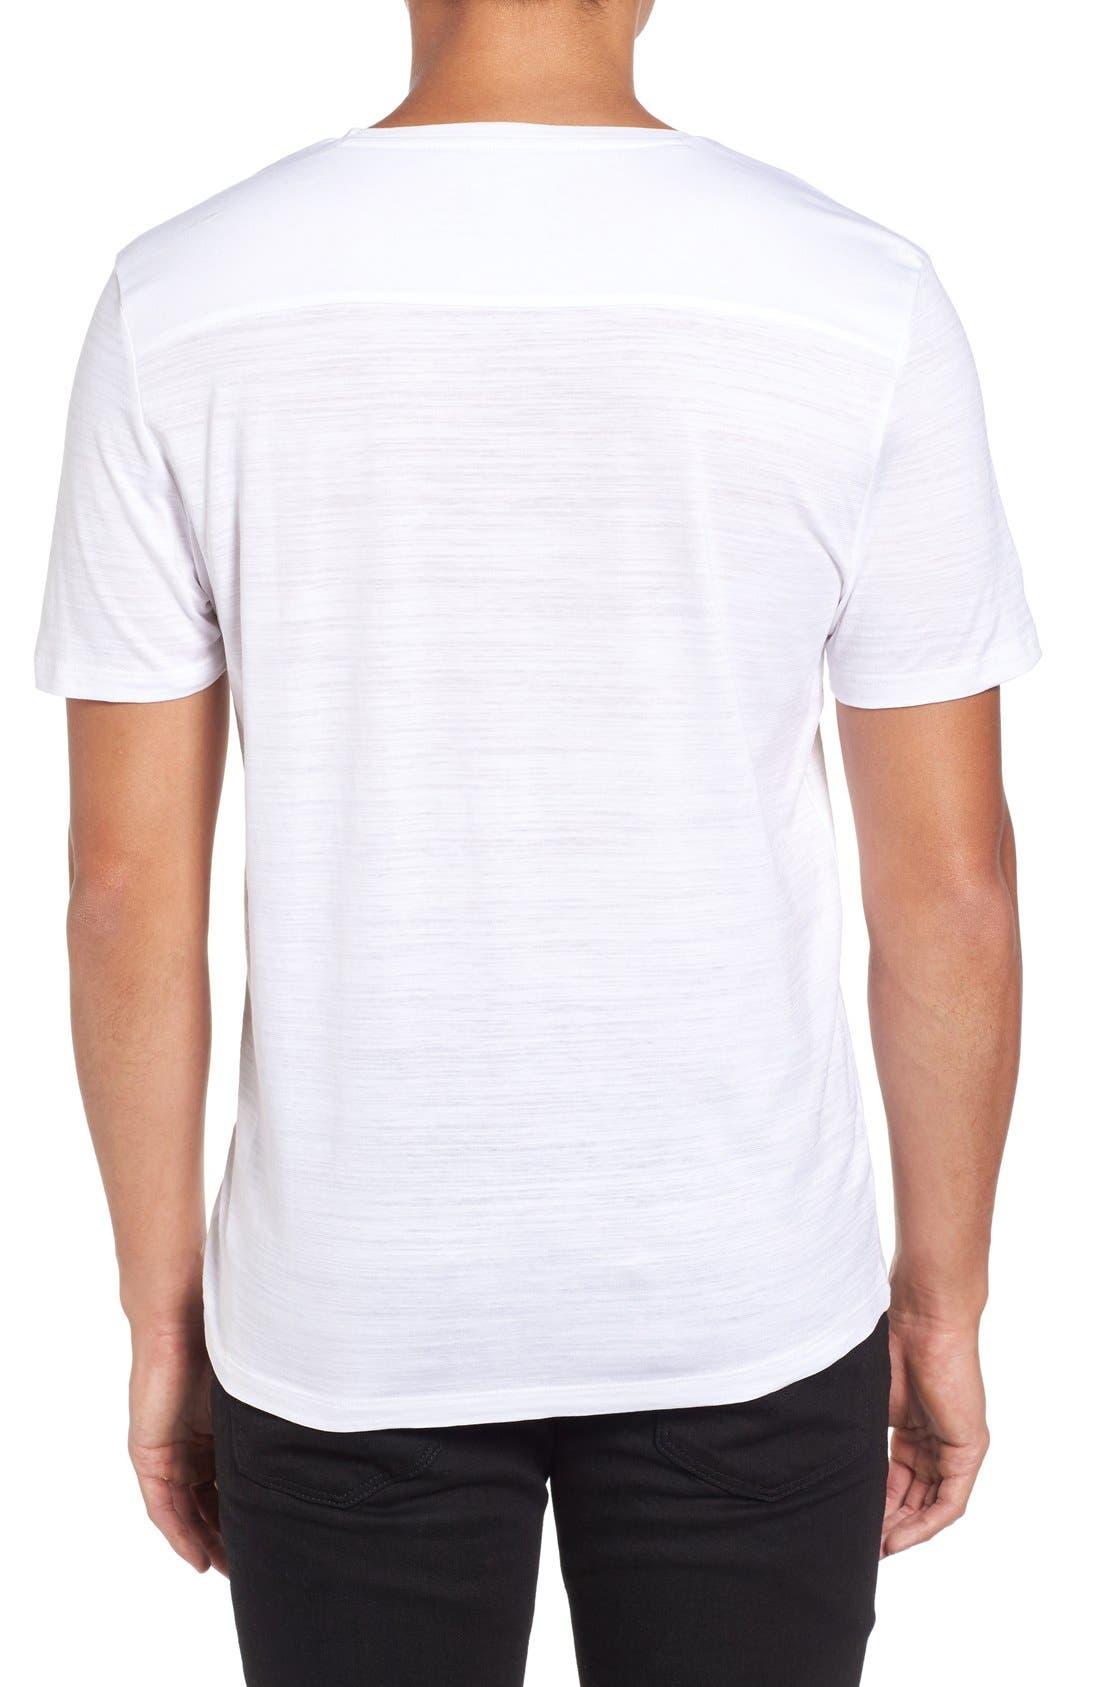 Tilson 50 V-Neck T-Shirt,                             Alternate thumbnail 2, color,                             White